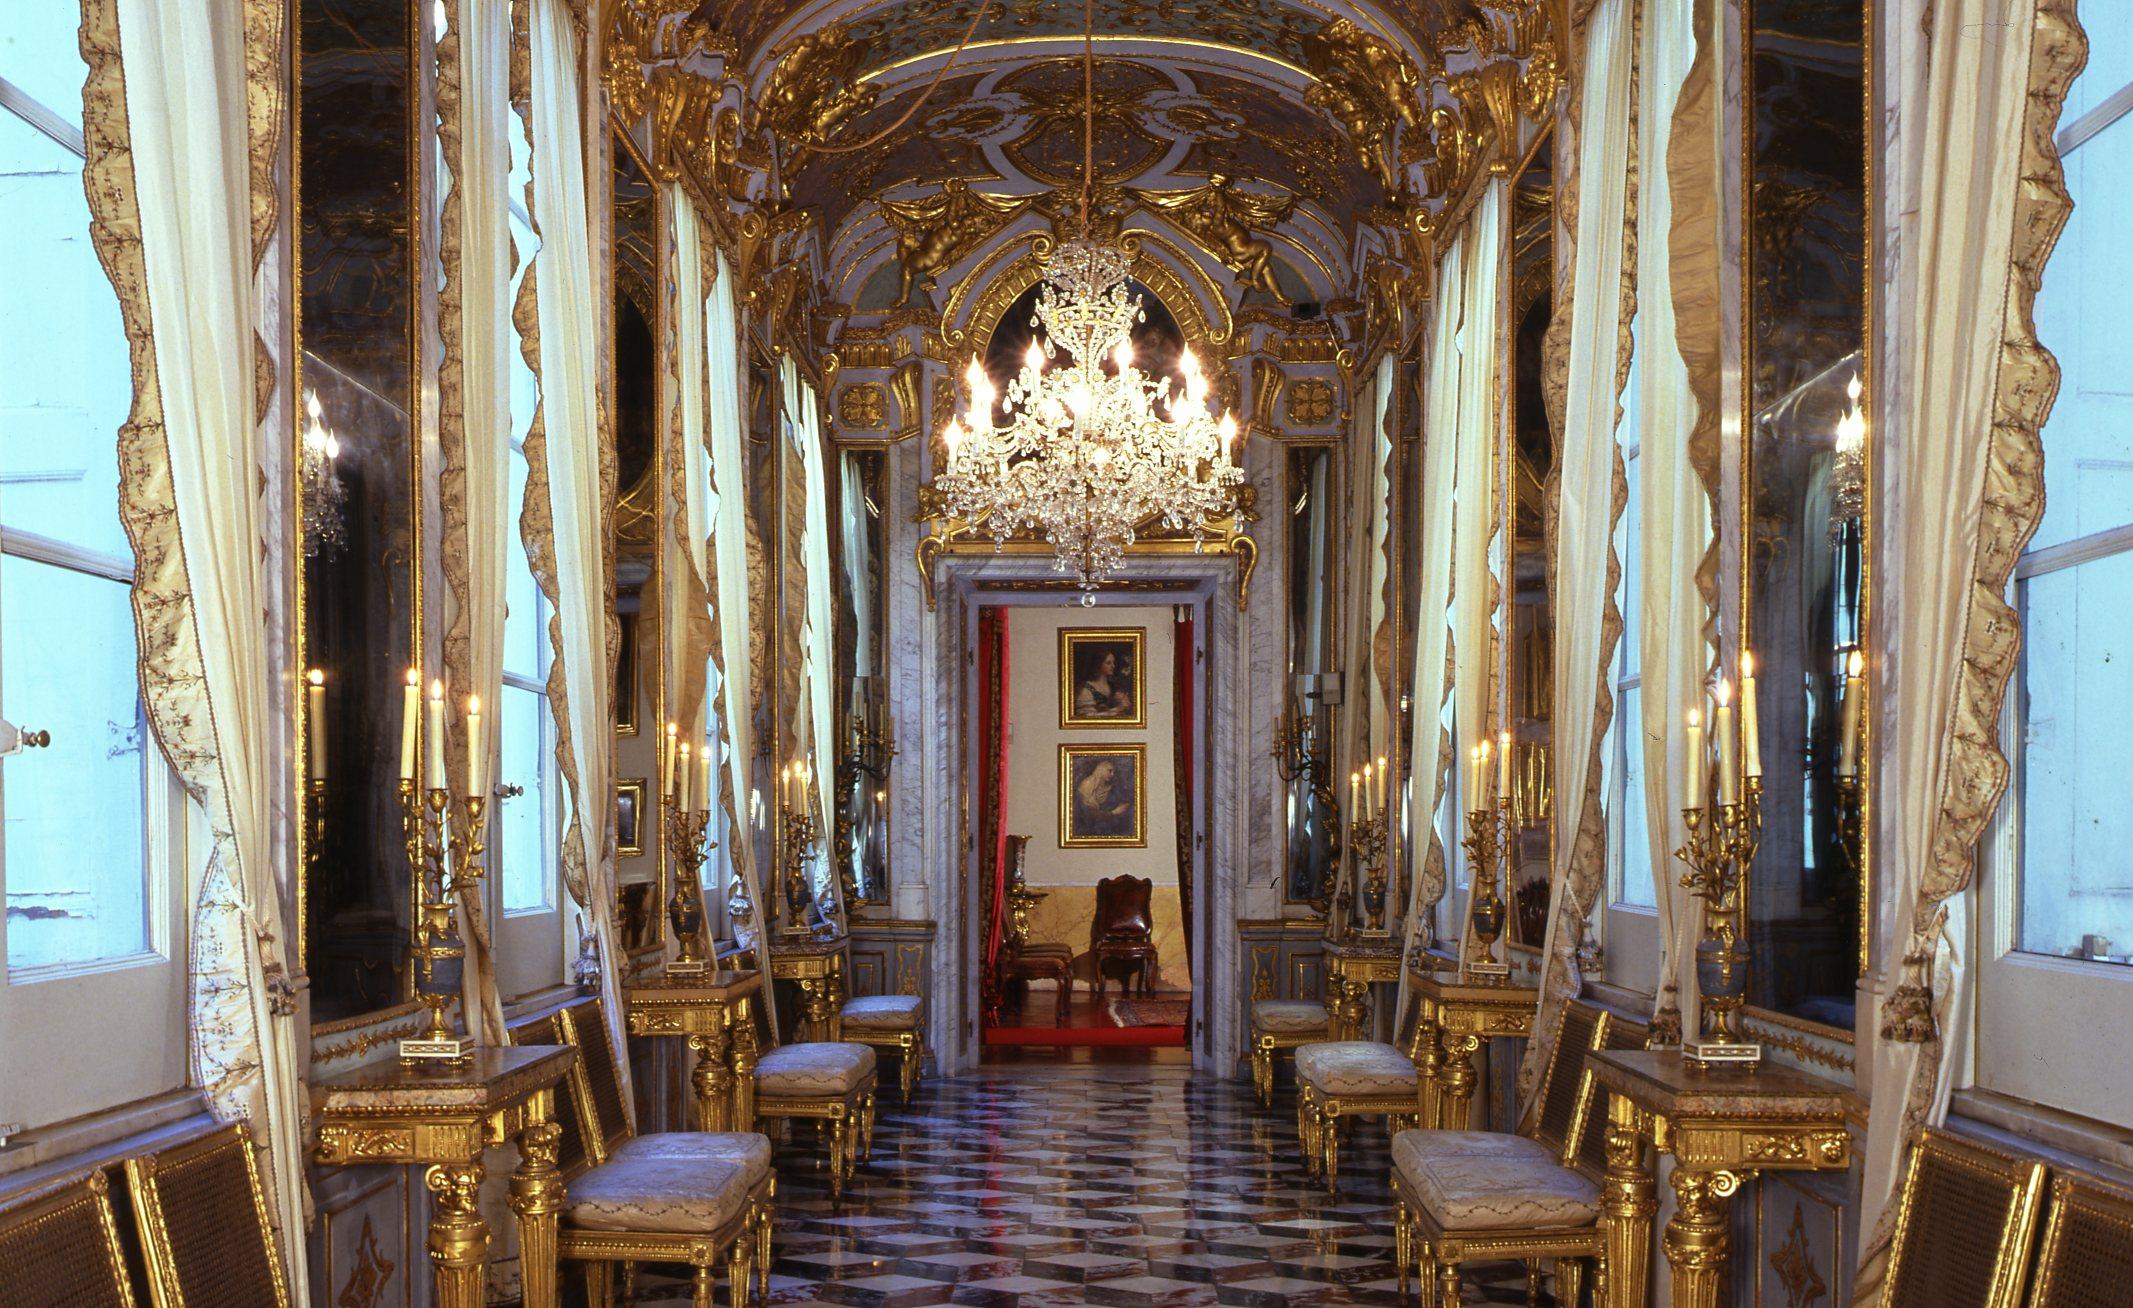 GN Palazzo spinola di Pellicceria - Galleria degli Specchi_1